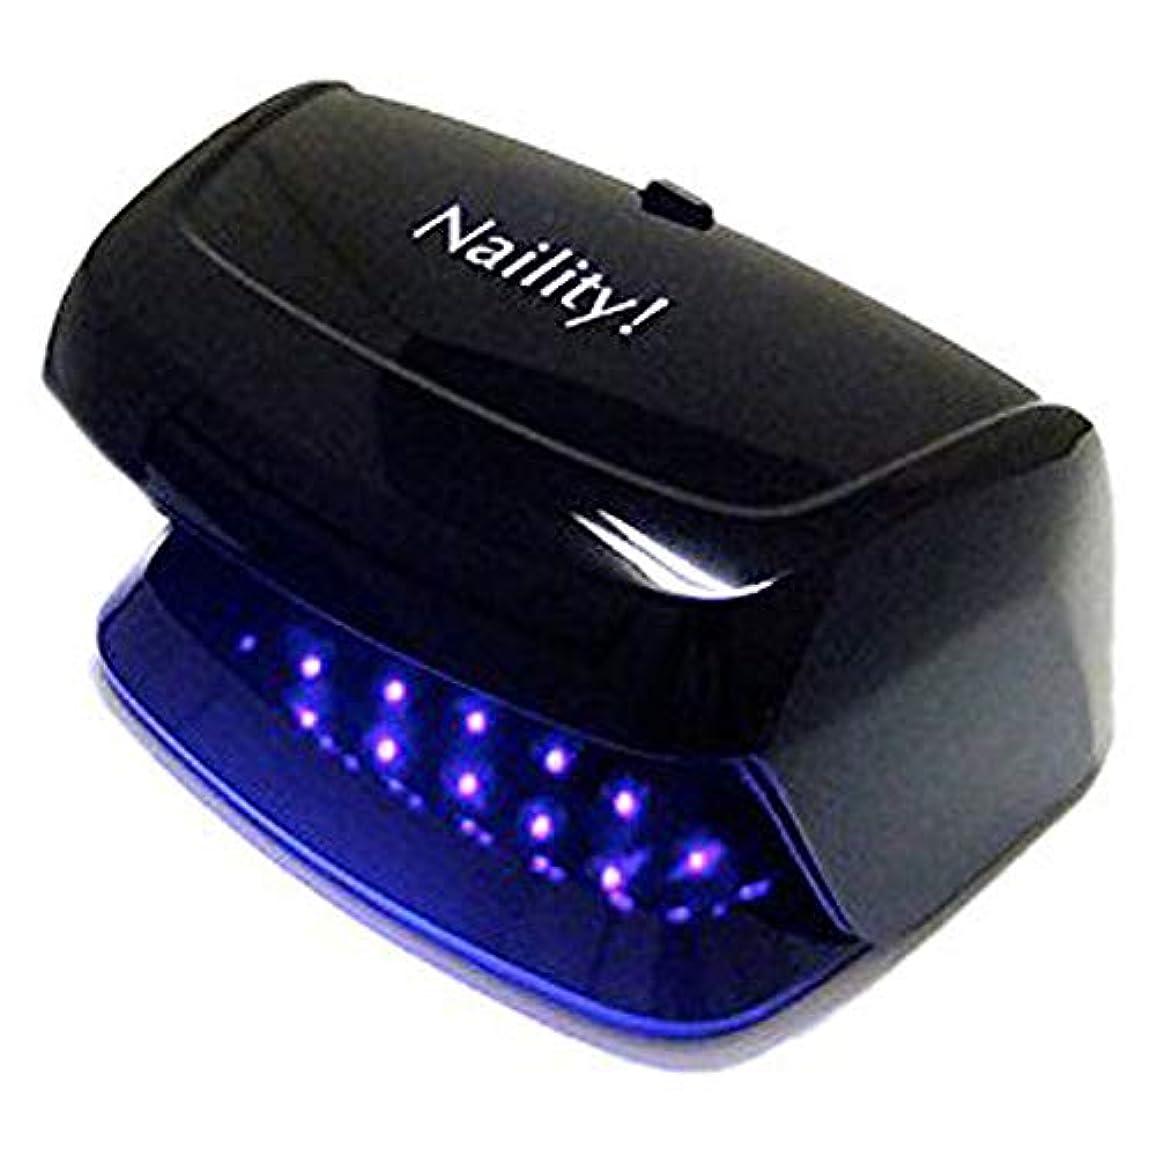 貧しい追放する復活するNaility!(ネイリティ!) Naility! LEDライト 3W /Black ジェルネイル 1個